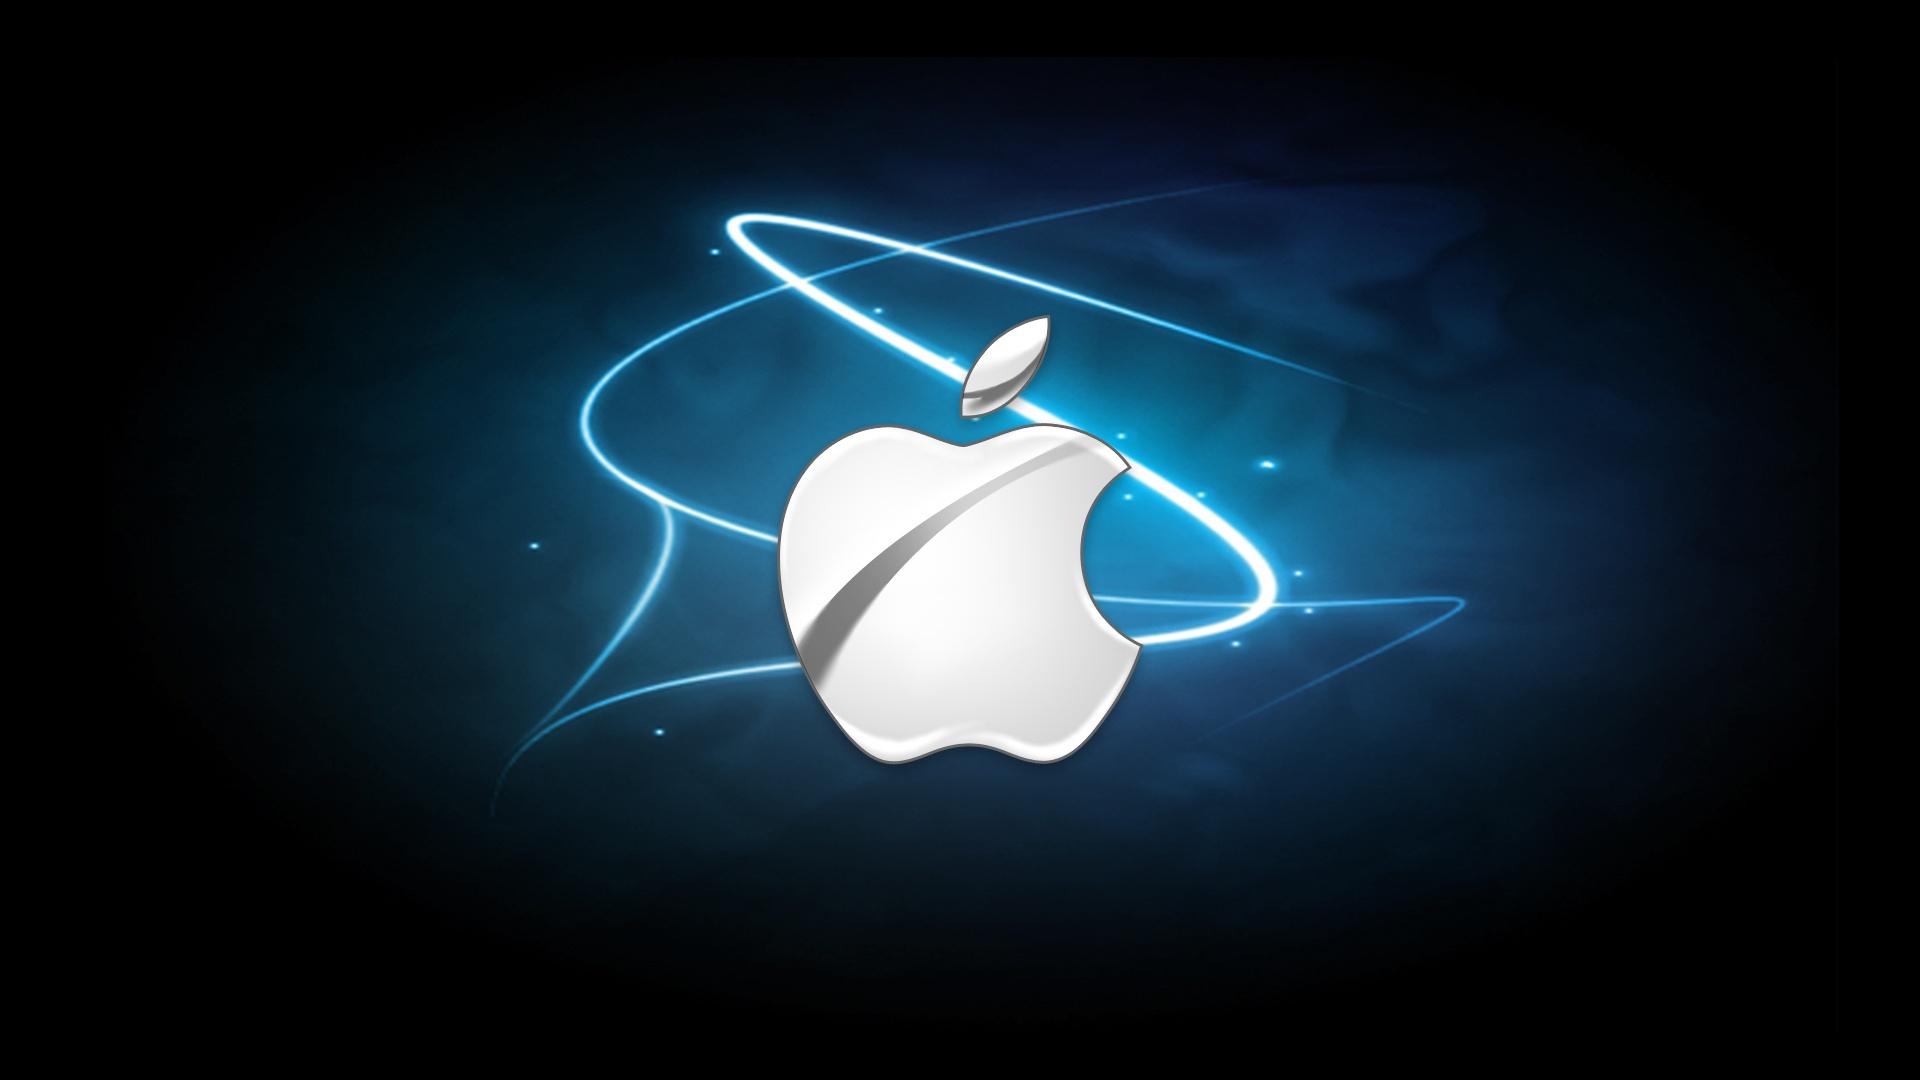 HD Apple Logo   Best HD Wallpaper 1920x1080